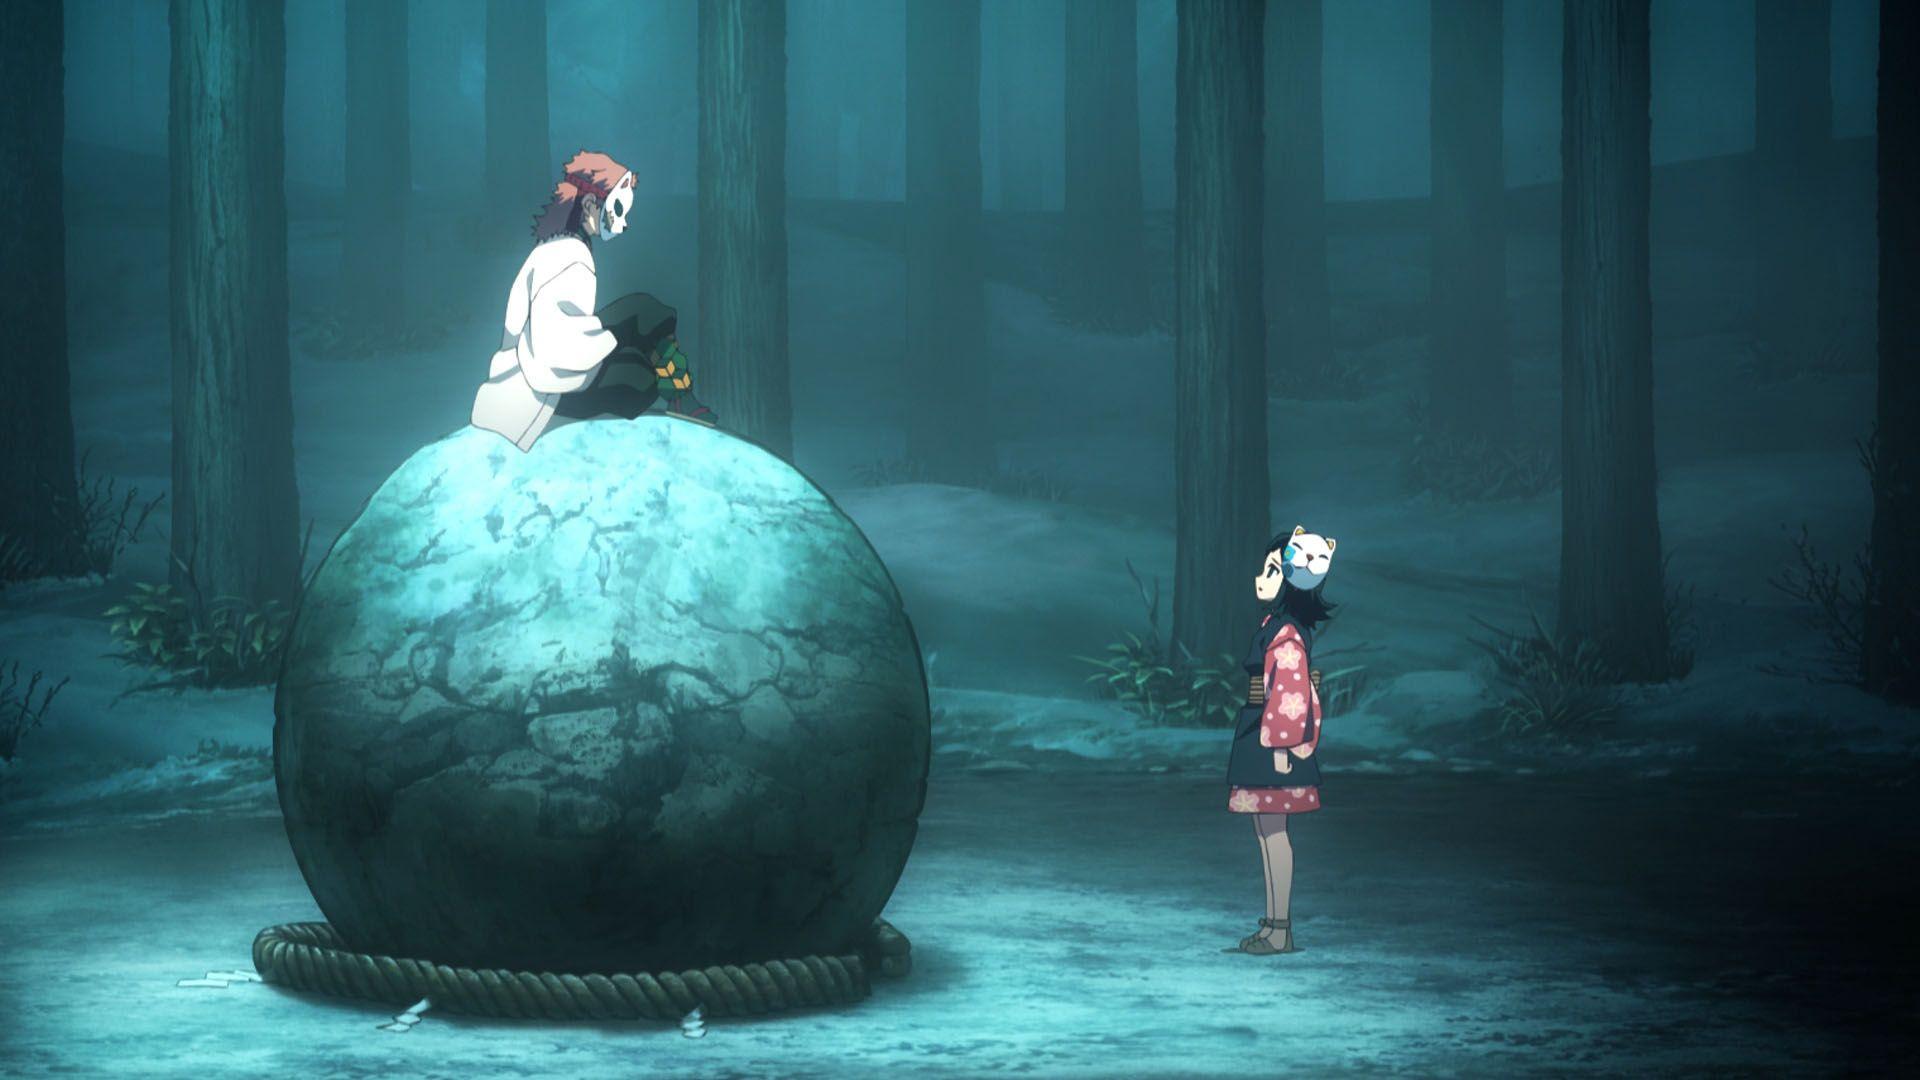 Kimetsu No Yaiba Anime